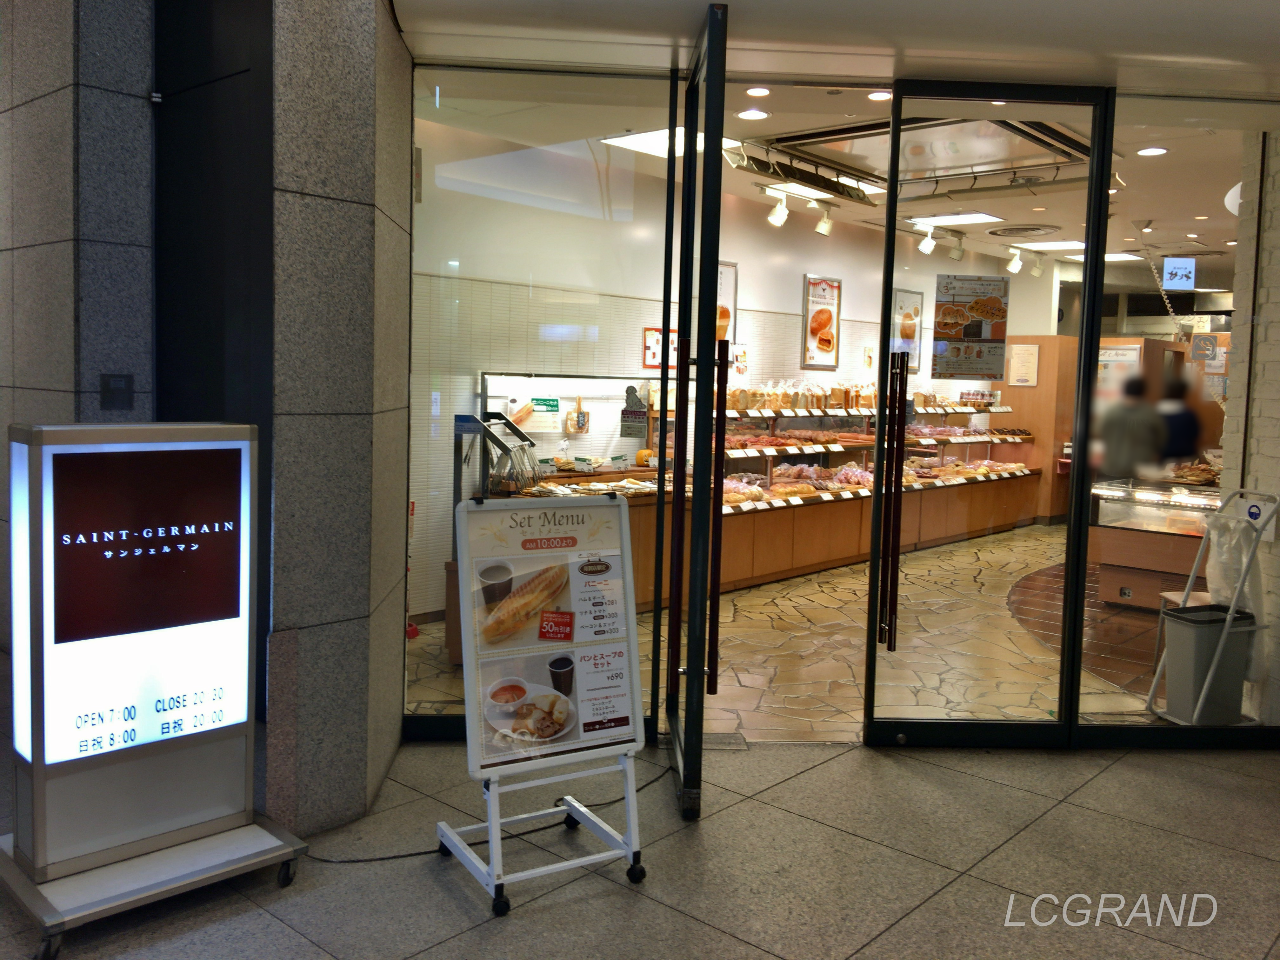 ビジネススクエアの地下1階にある入口が大きなサンジェルマン用賀店